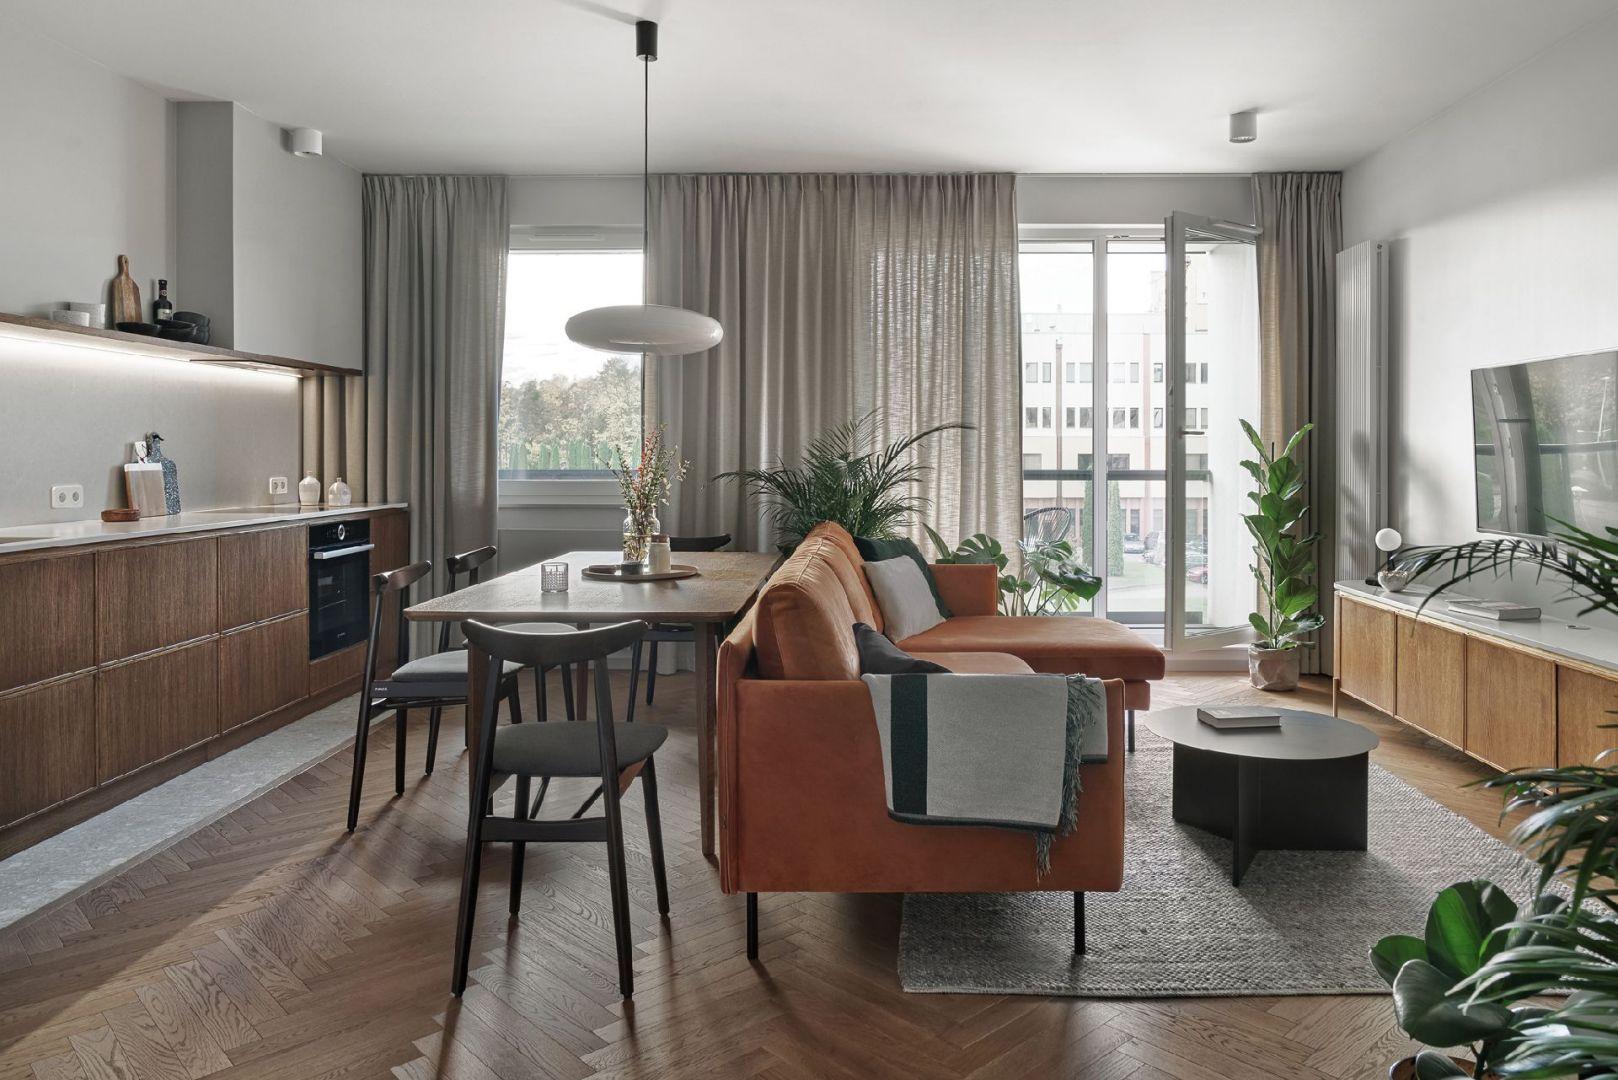 Okap podszafkowy dobrze się nadaje do kuchni połączonych z salonem. Projekt Raca Architekci. Fot. Tom Kurek.jpg